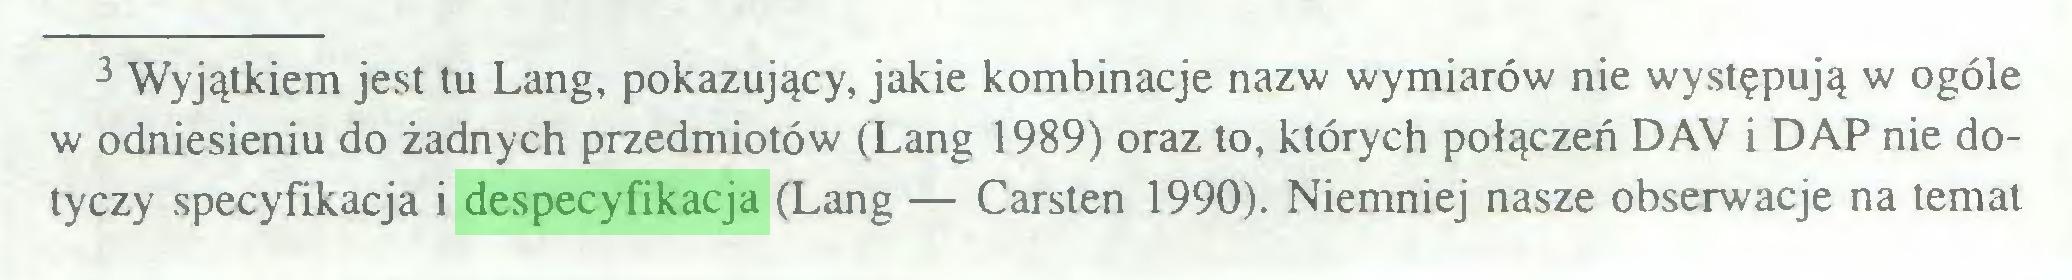 (...) 3 Wyjątkiem jest tu Lang, pokazujący, jakie kombinacje nazw wymiarów nie występują w ogóle w odniesieniu do żadnych przedmiotów (Lang 1989) oraz to, których połączeń DAV i DAP nie dotyczy specyfikacja i despecyfikacja (Lang — Carsten 1990). Niemniej nasze obserwacje na temat...